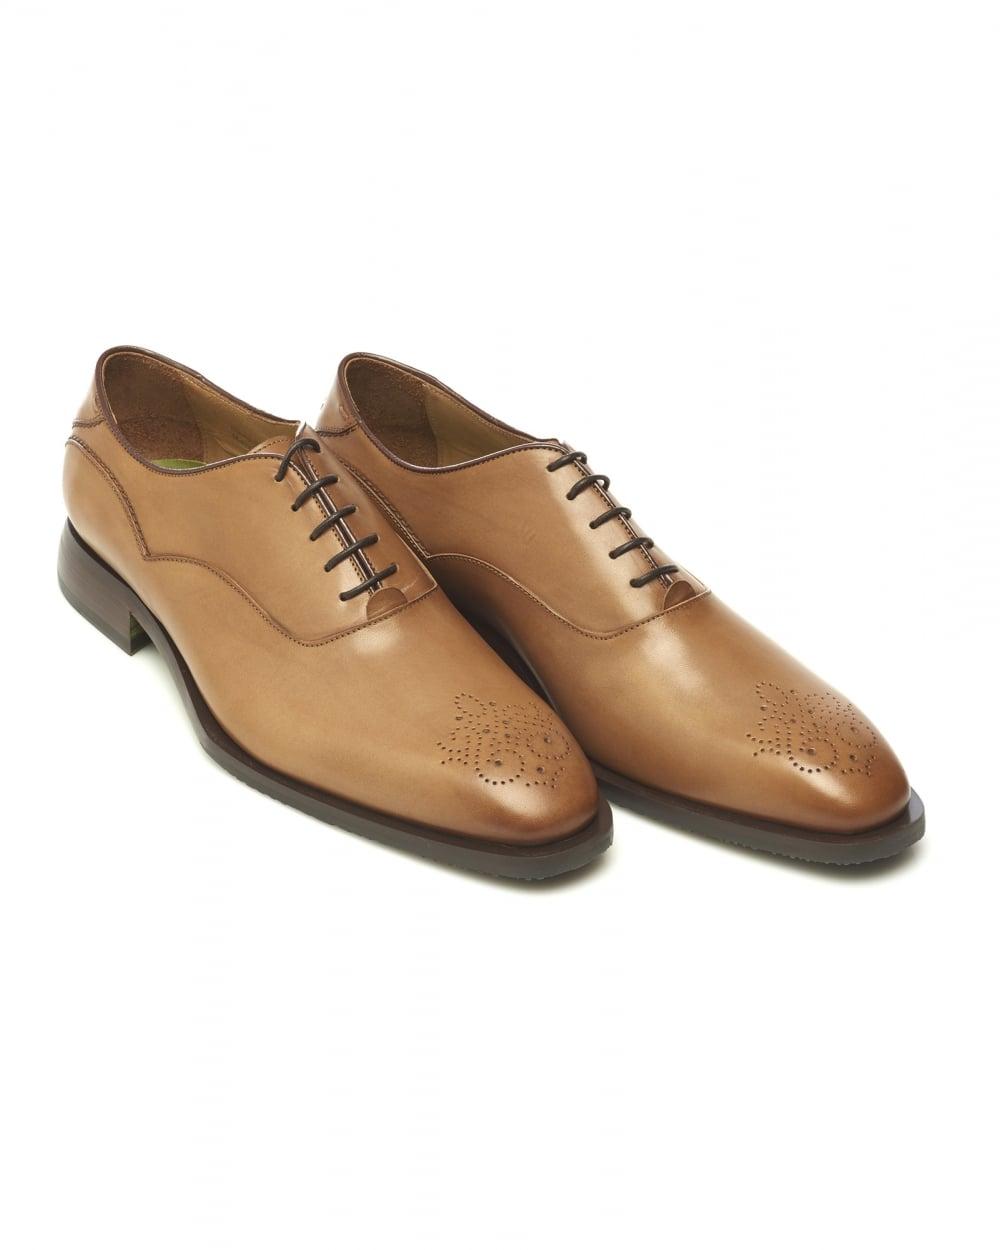 Oliver Sweeney Shoe Sabatini in Tan 11 XEMtZHohFK